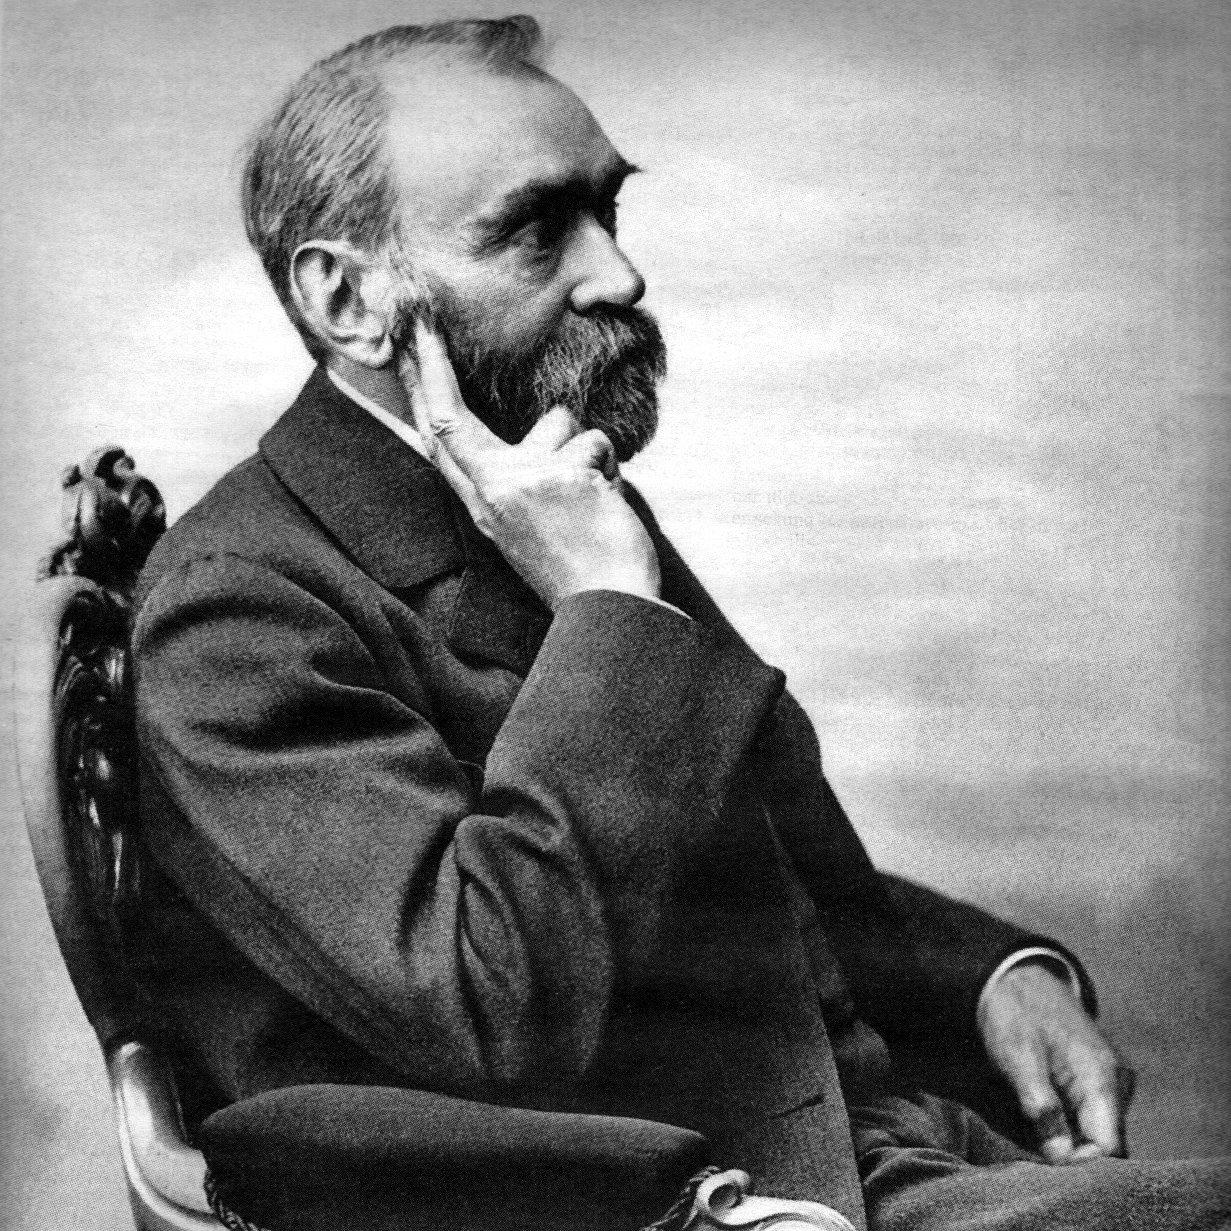 Alfred Nobel, es el químico sueco que patentó la dinamita y la gelignita